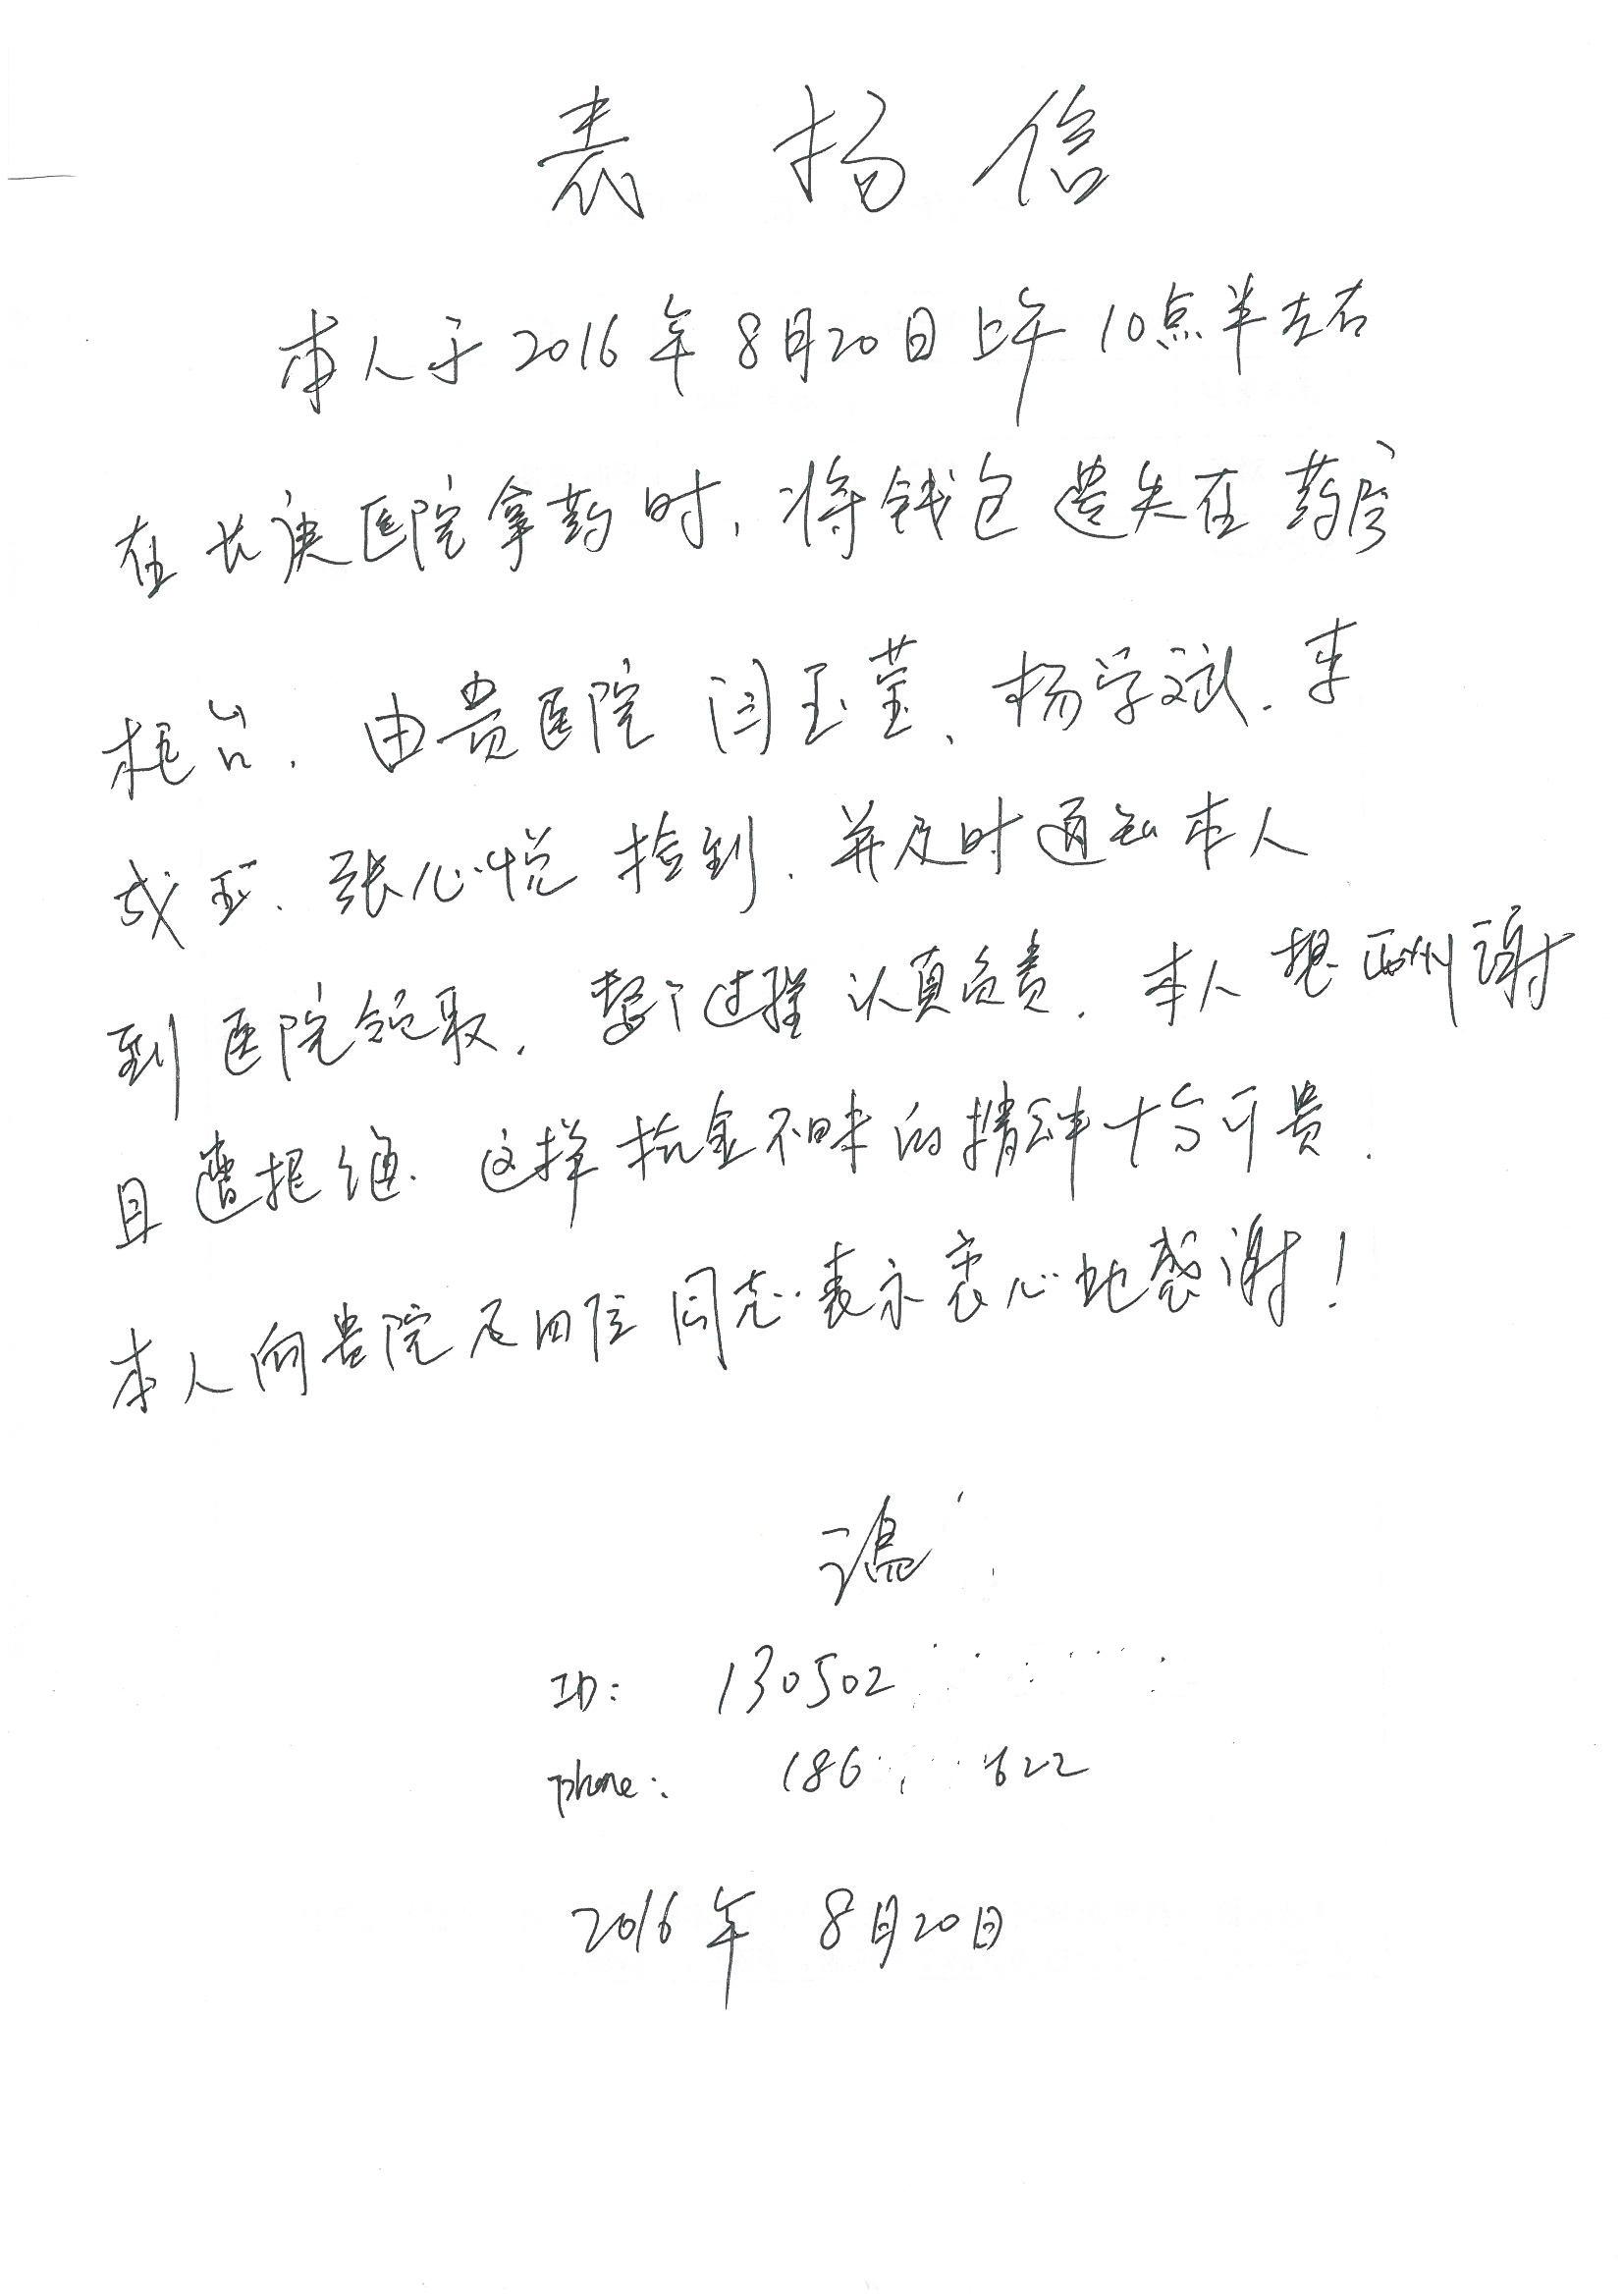 宋飞孟姜女曲谱